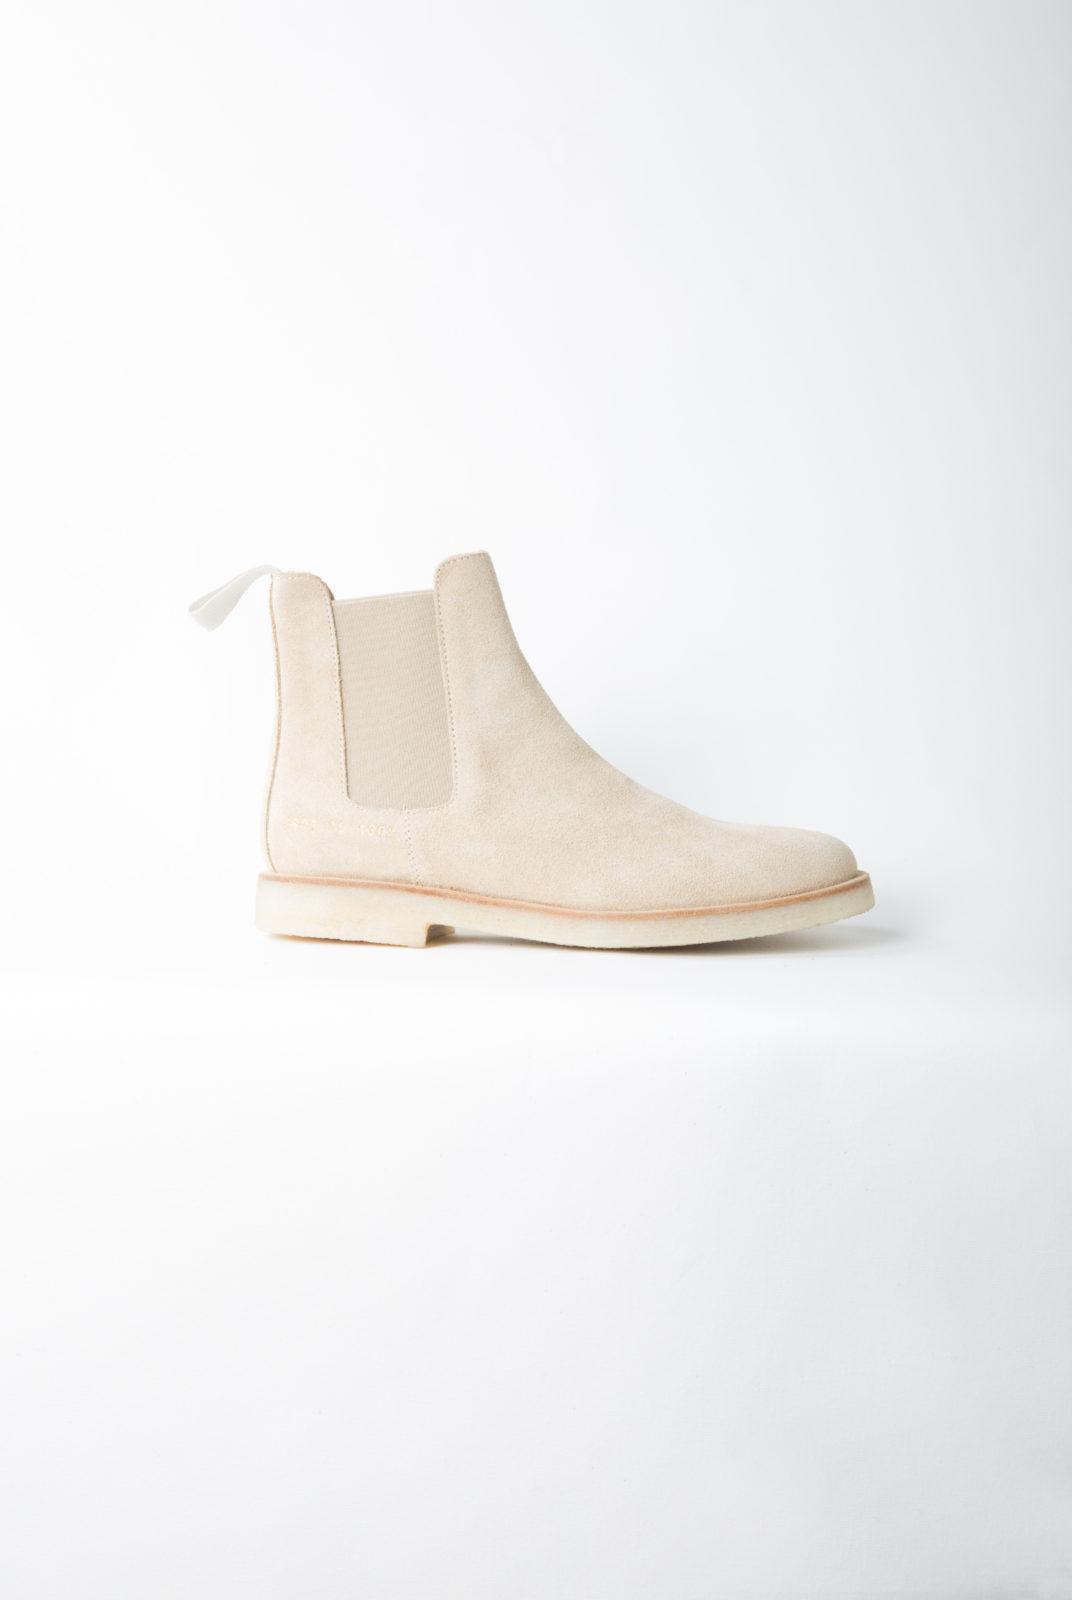 chelsea boots, taupe, détails élastique, common projects